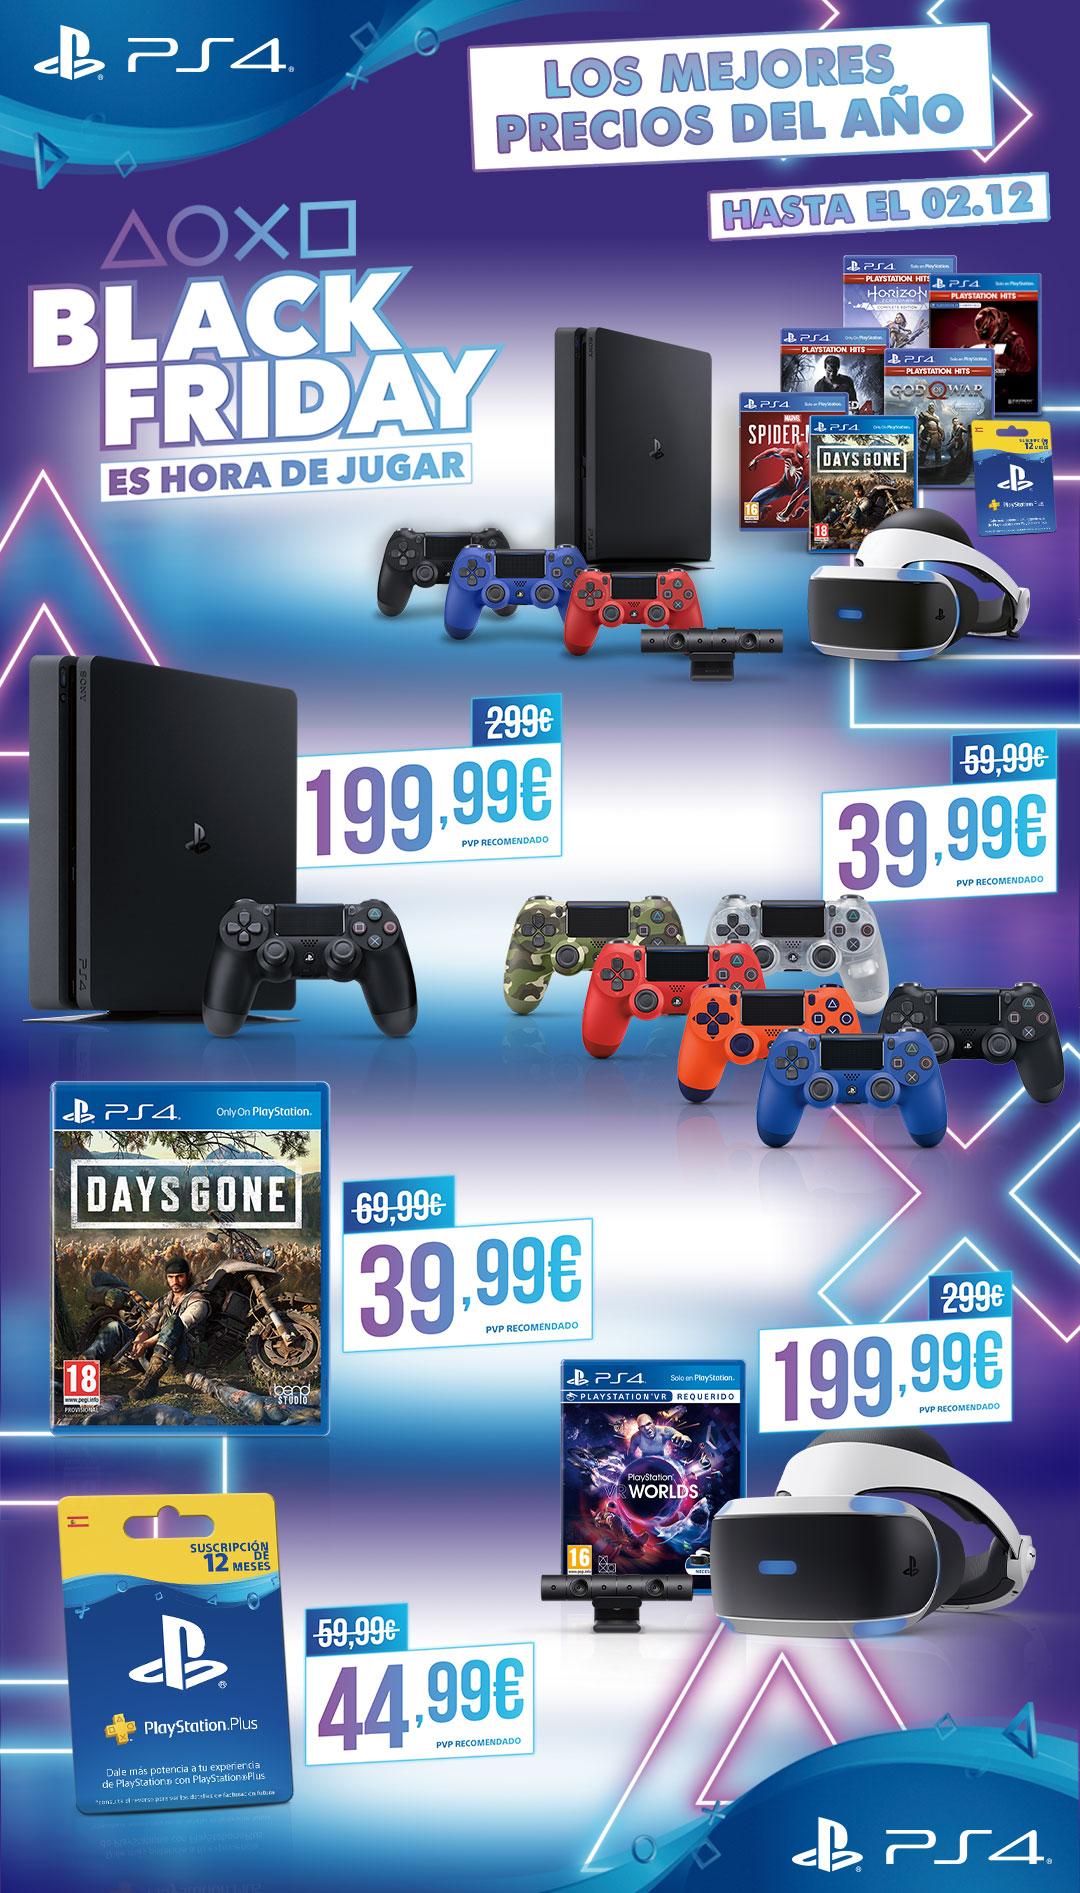 PlayStation 4 Black Friday 2019 3